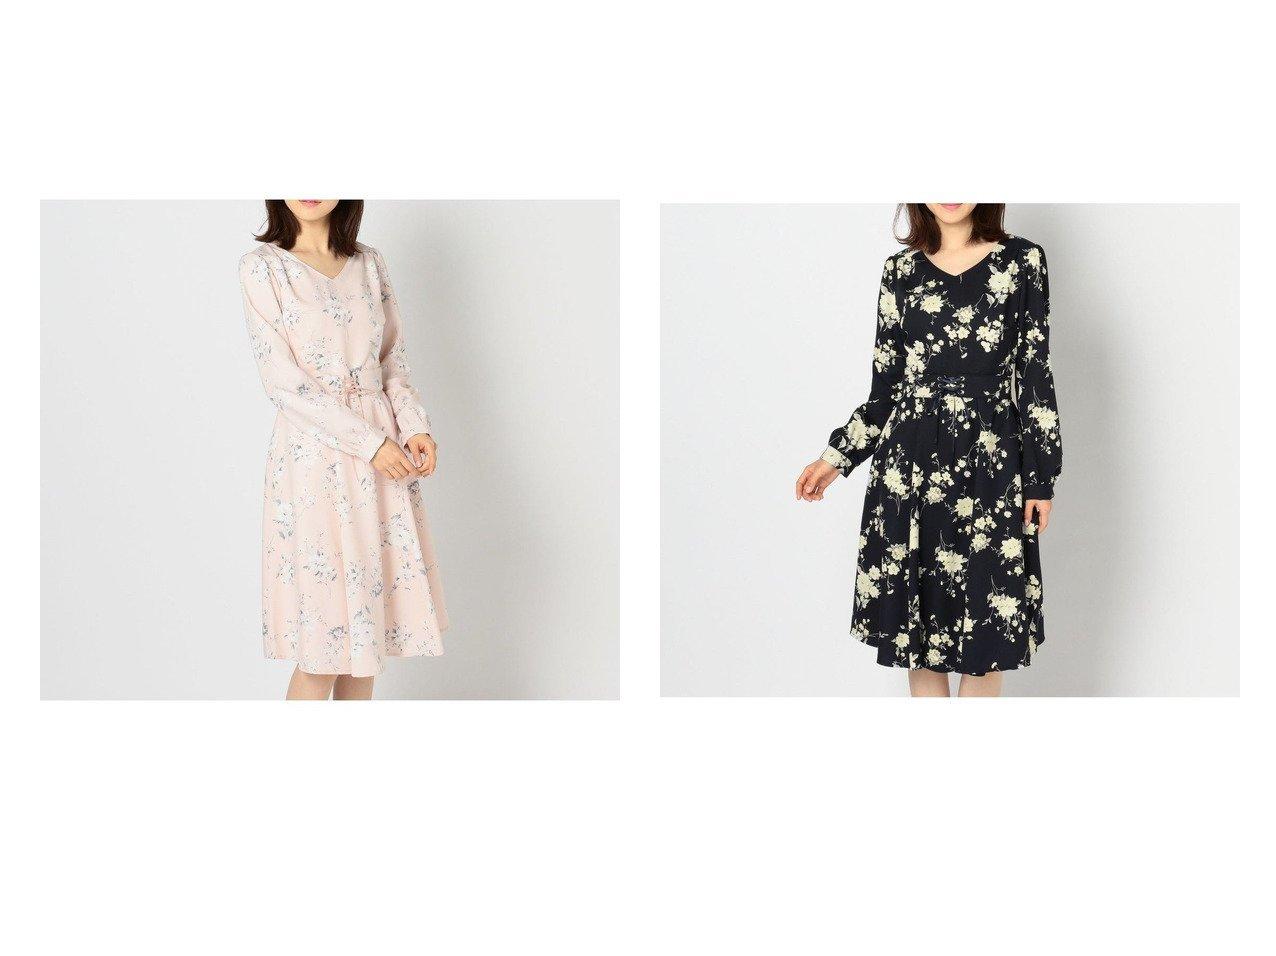 【MISCH MASCH/ミッシュマッシュ】のベルト付き花柄ワンピース ミッシュマッシュのおすすめ!人気、トレンド・レディースファッションの通販 おすすめで人気の流行・トレンド、ファッションの通販商品 メンズファッション・キッズファッション・インテリア・家具・レディースファッション・服の通販 founy(ファニー) https://founy.com/ ファッション Fashion レディースファッション WOMEN ワンピース Dress ベルト Belts 2021年 2021 2021-2022 秋冬 A/W AW Autumn/Winter / FW Fall-Winter 2021-2022 A/W 秋冬 AW Autumn/Winter / FW Fall-Winter デコルテ フィット フェミニン フレア |ID:crp329100000022158